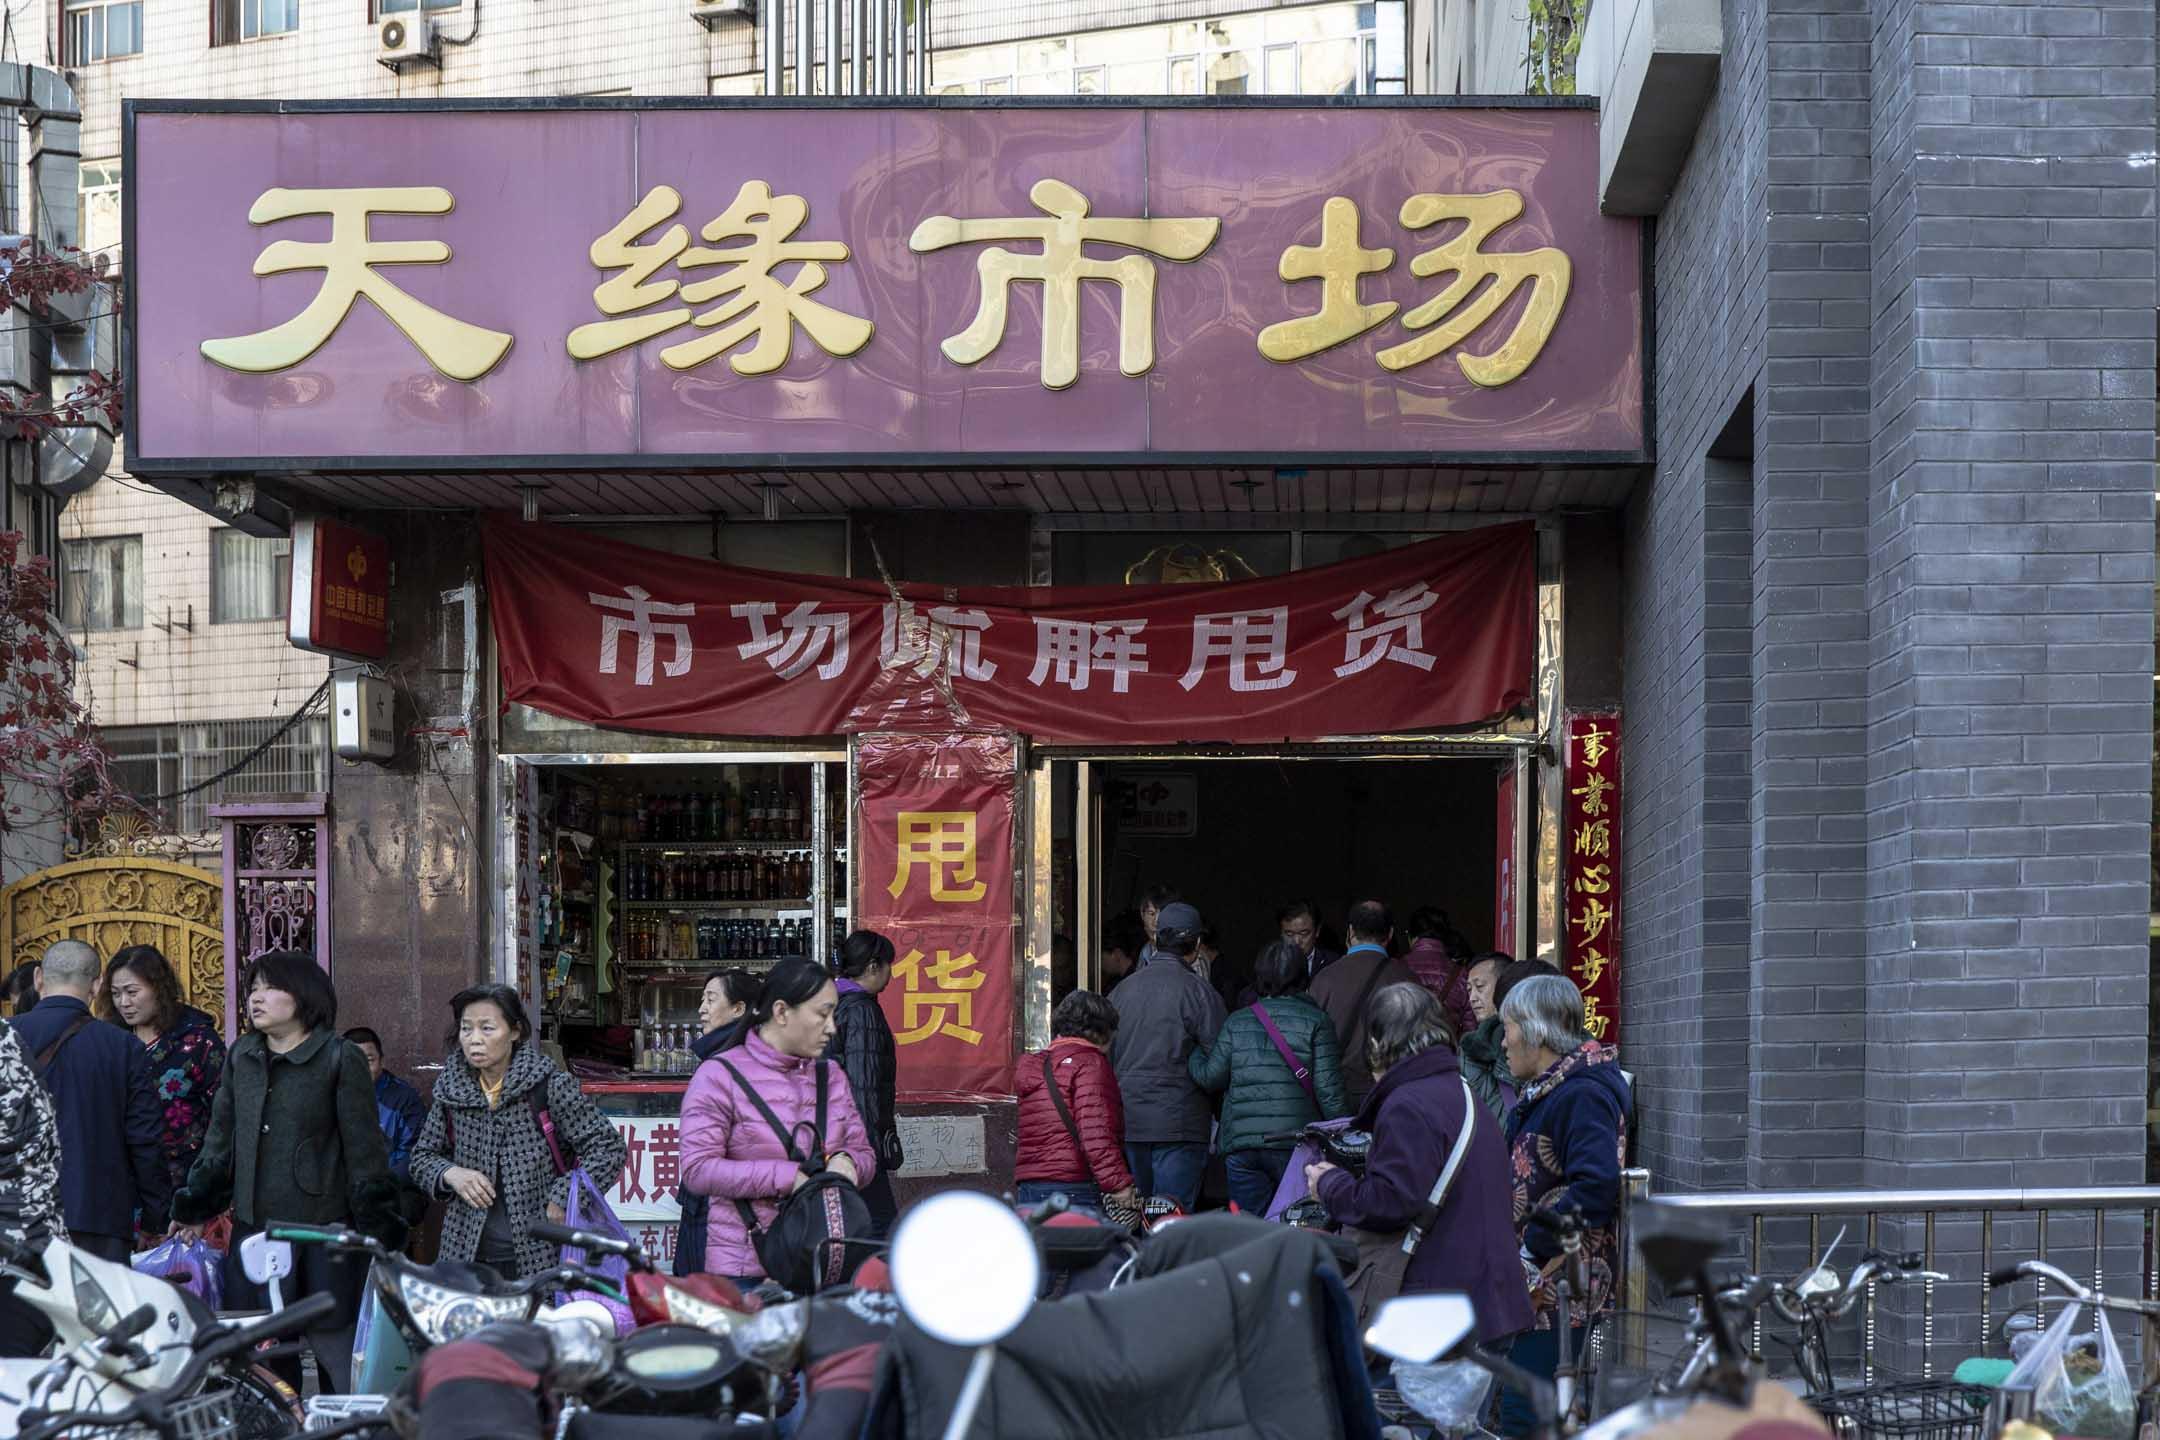 近幾年來,北京已陸續關閉400餘家市場,包括花市、菜市場、建材市場、廢品廠、修車廠、小商品市場、養殖場在內的十數個產業被大規模騰退。它們大多屬於基礎性產業,關乎城市居民的衣食住行,亦承載、積澱了一座城市的人情生態。